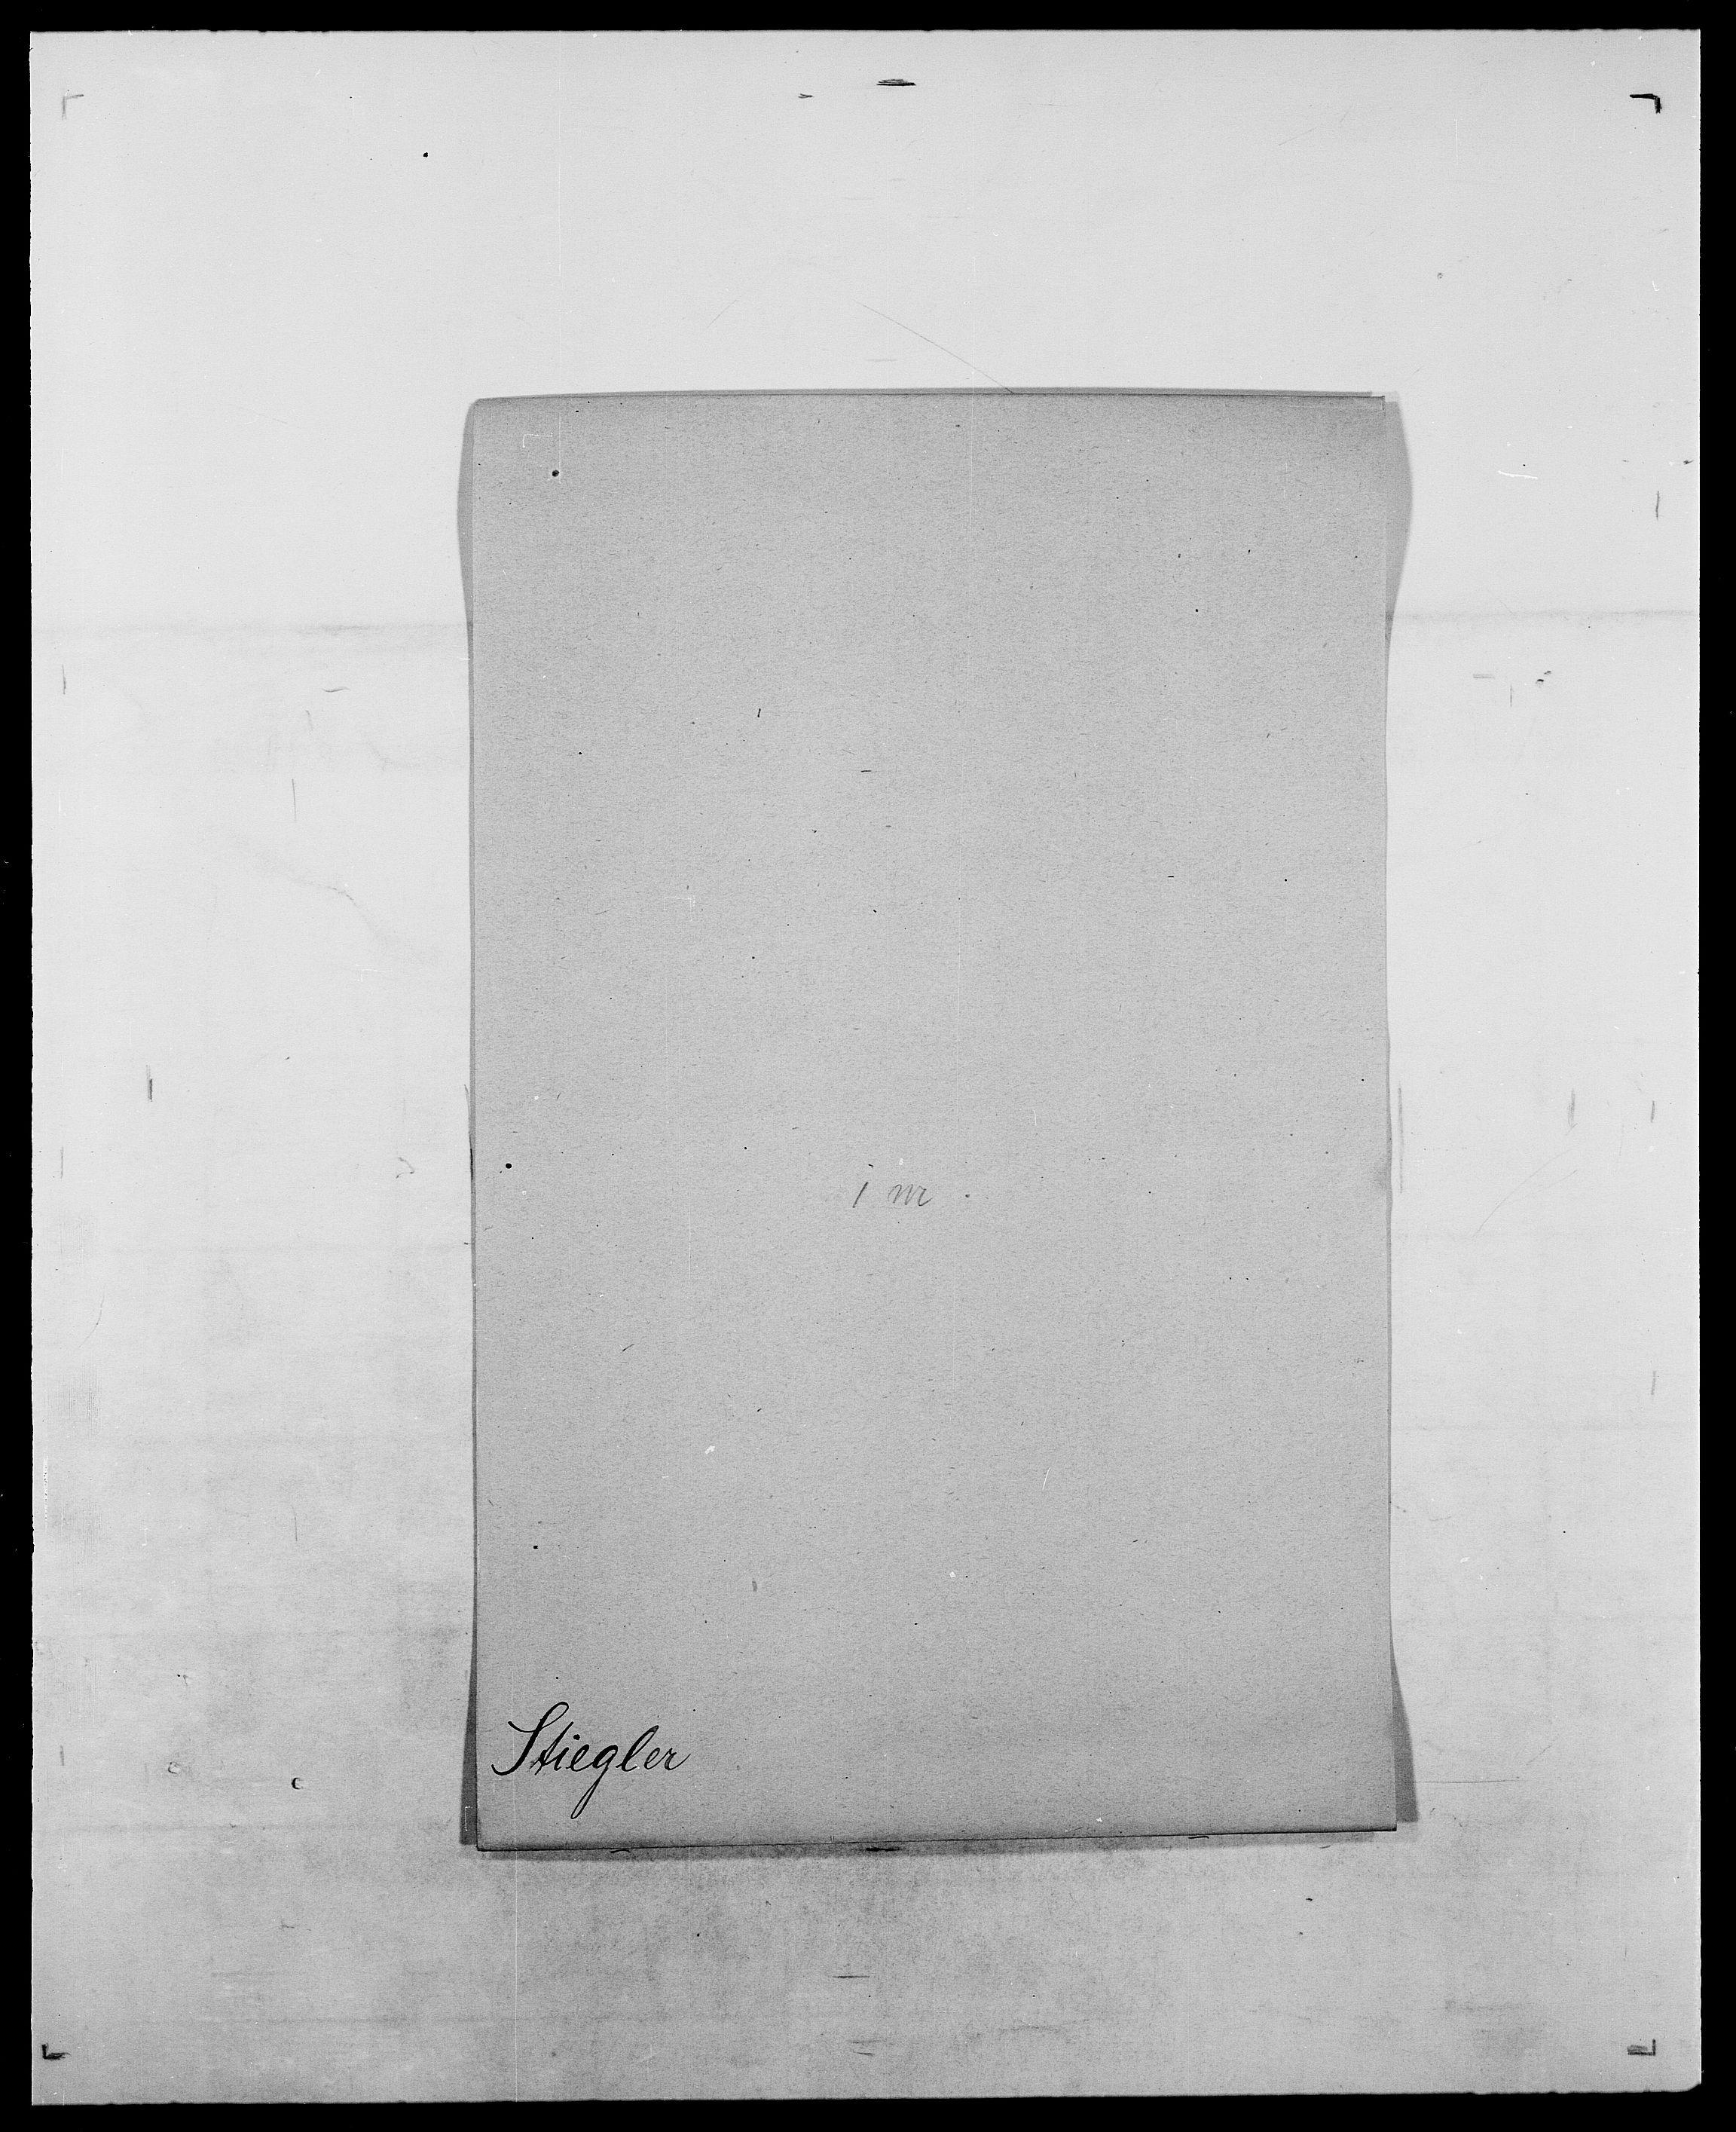 SAO, Delgobe, Charles Antoine - samling, D/Da/L0037: Steen, Sthen, Stein - Svare, Svanige, Svanne, se også Svanning og Schwane, s. 378